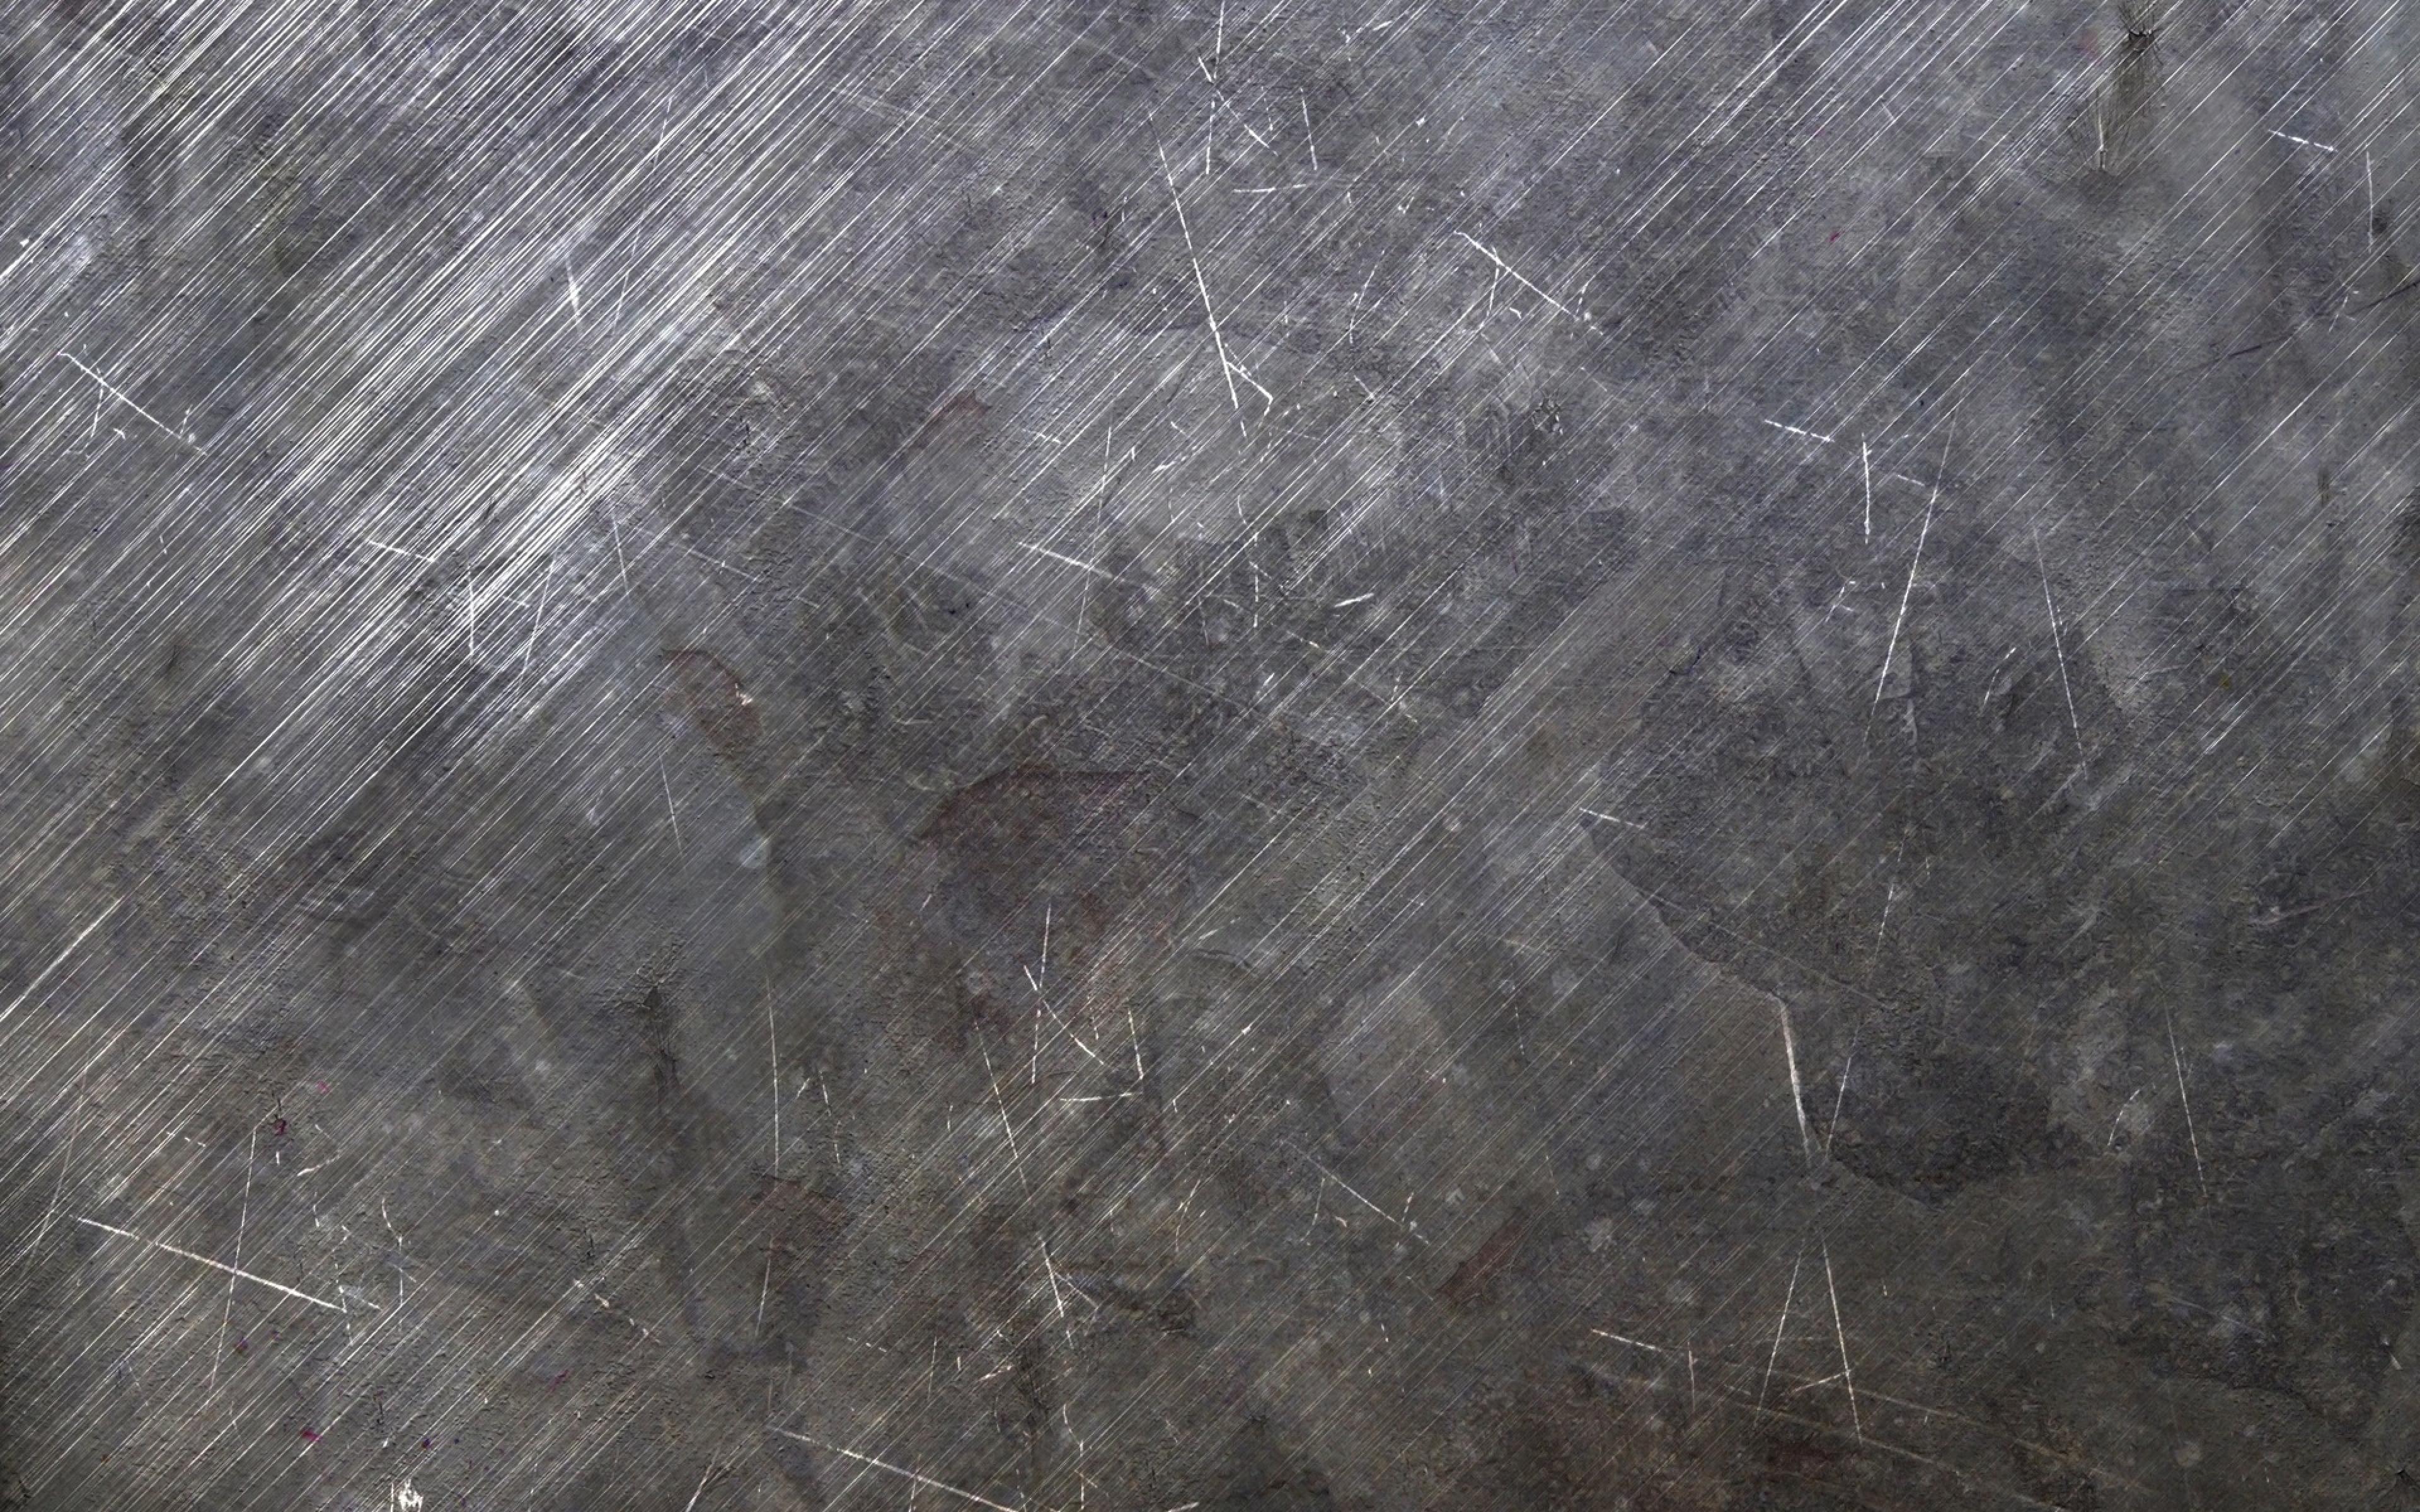 стена порезы текстура  № 2205463 загрузить